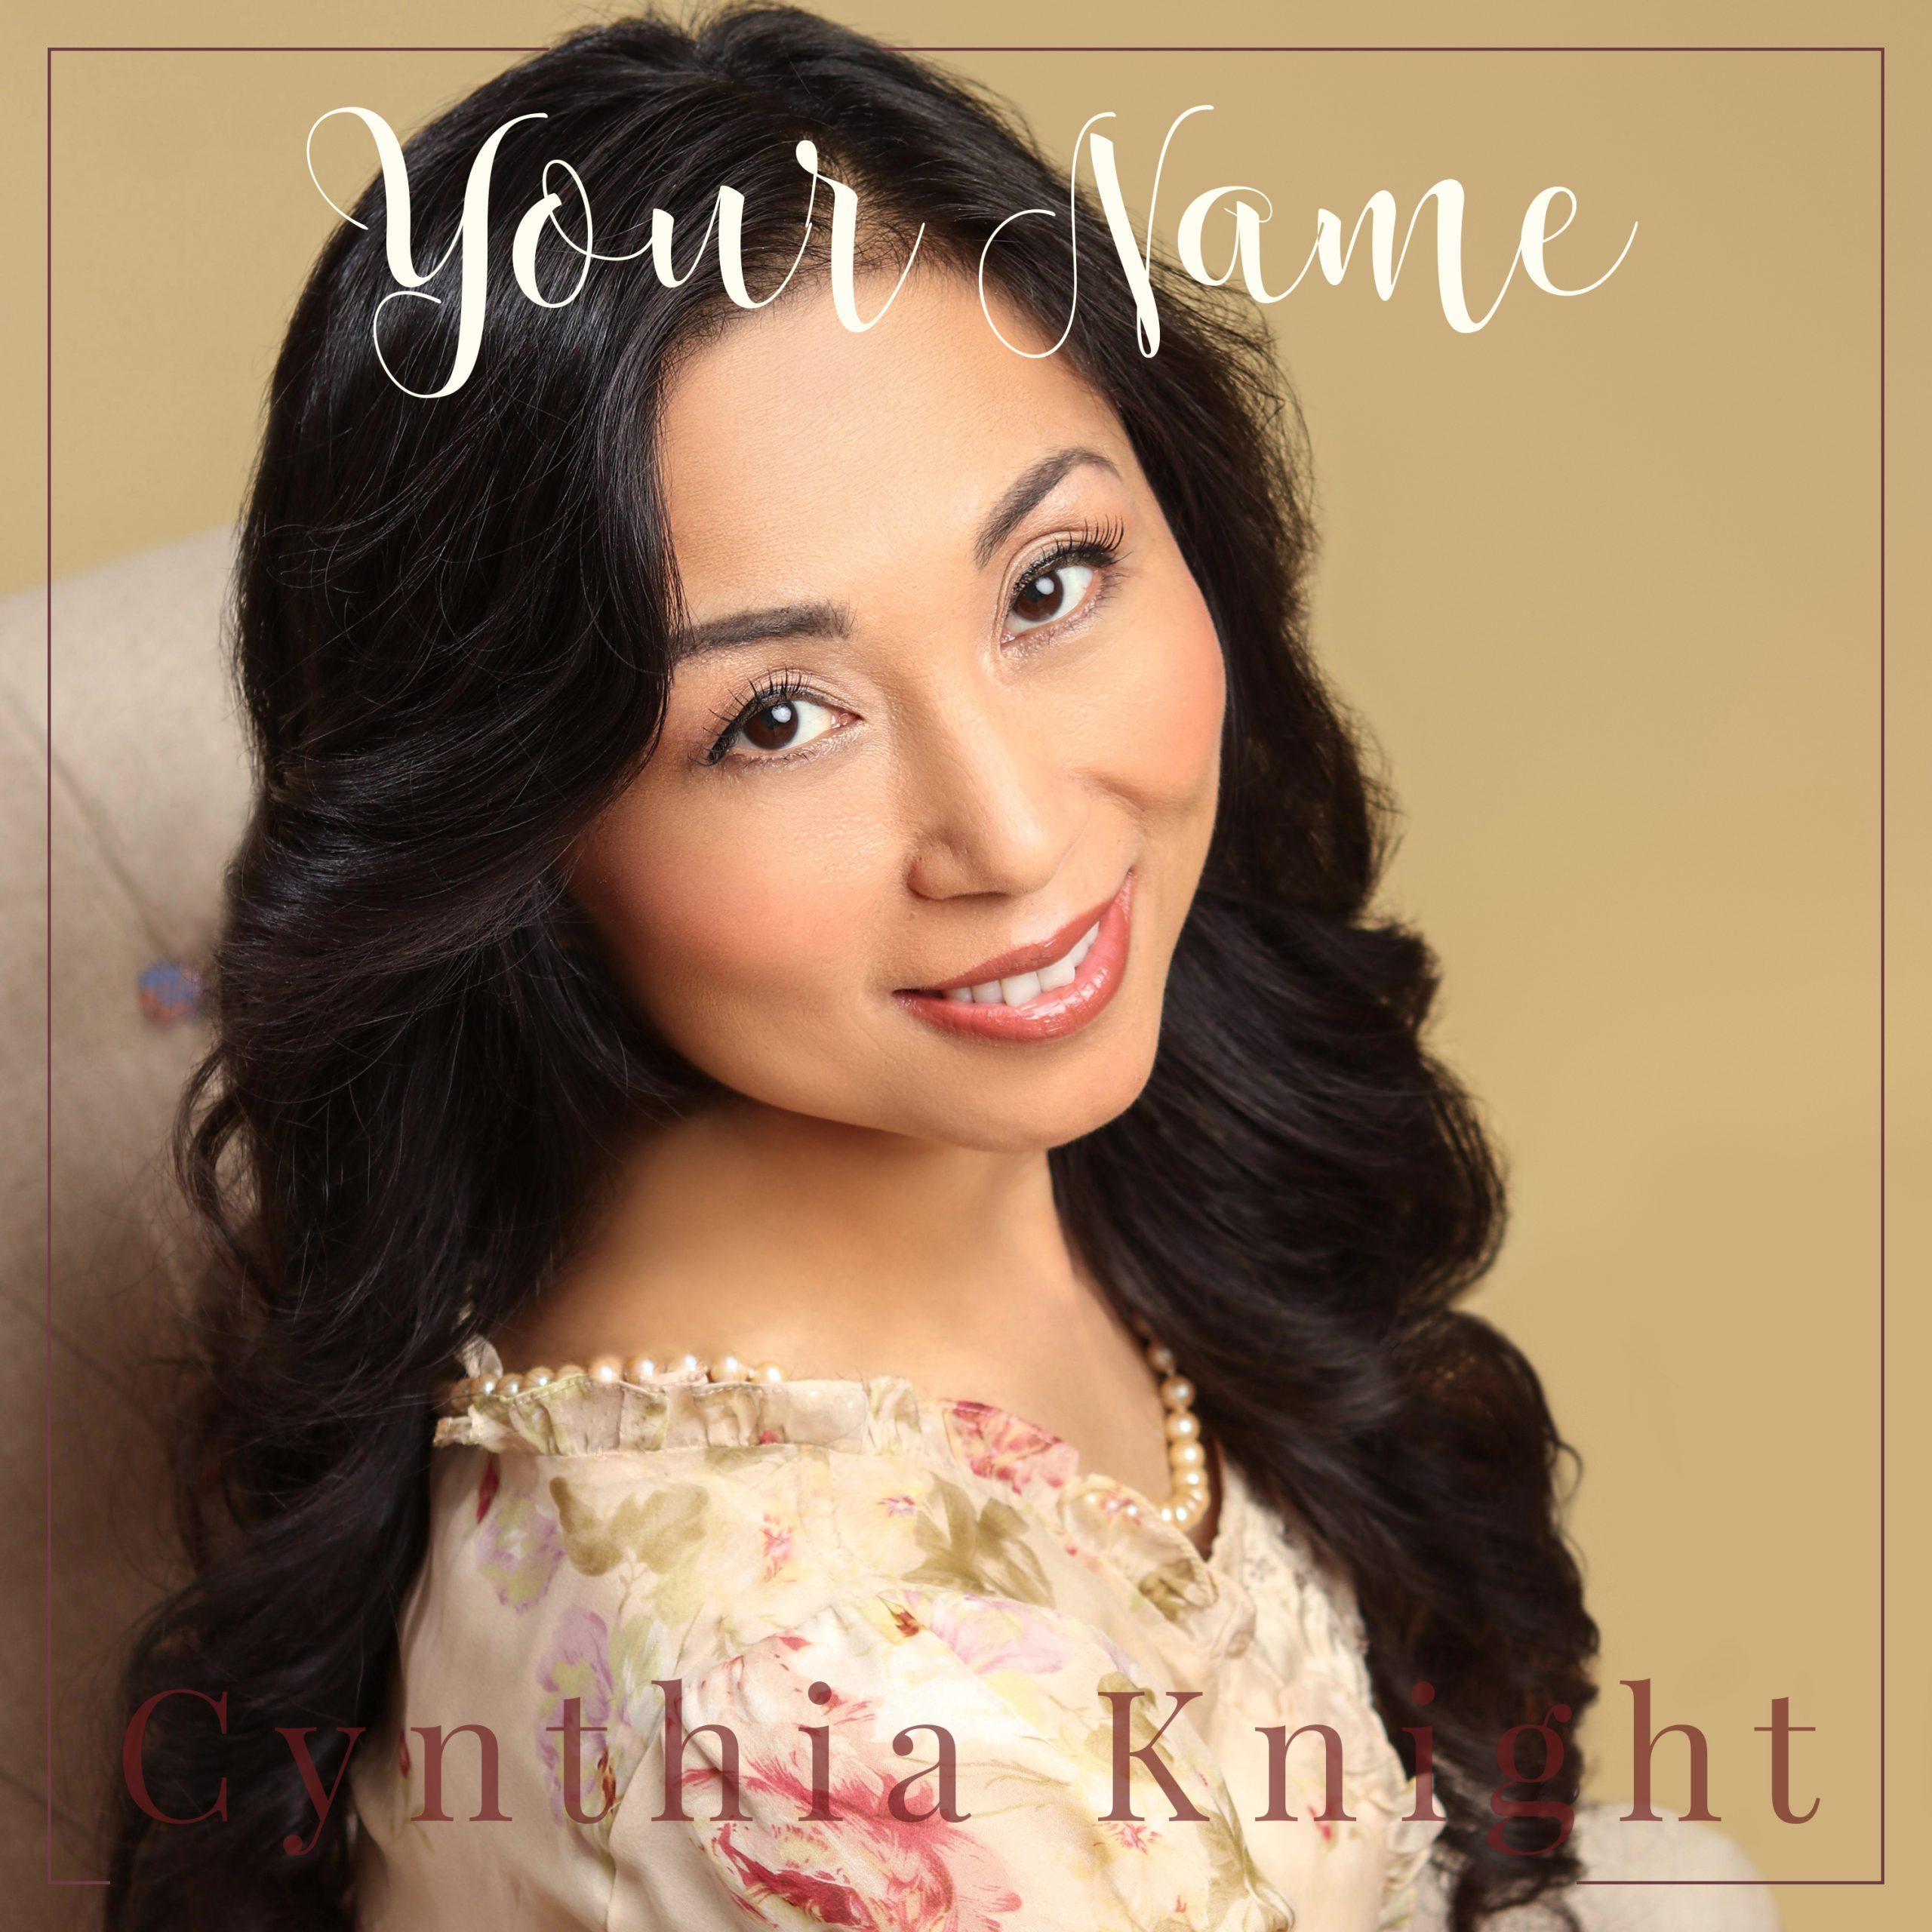 Your Name (single) – Cynthia Knight